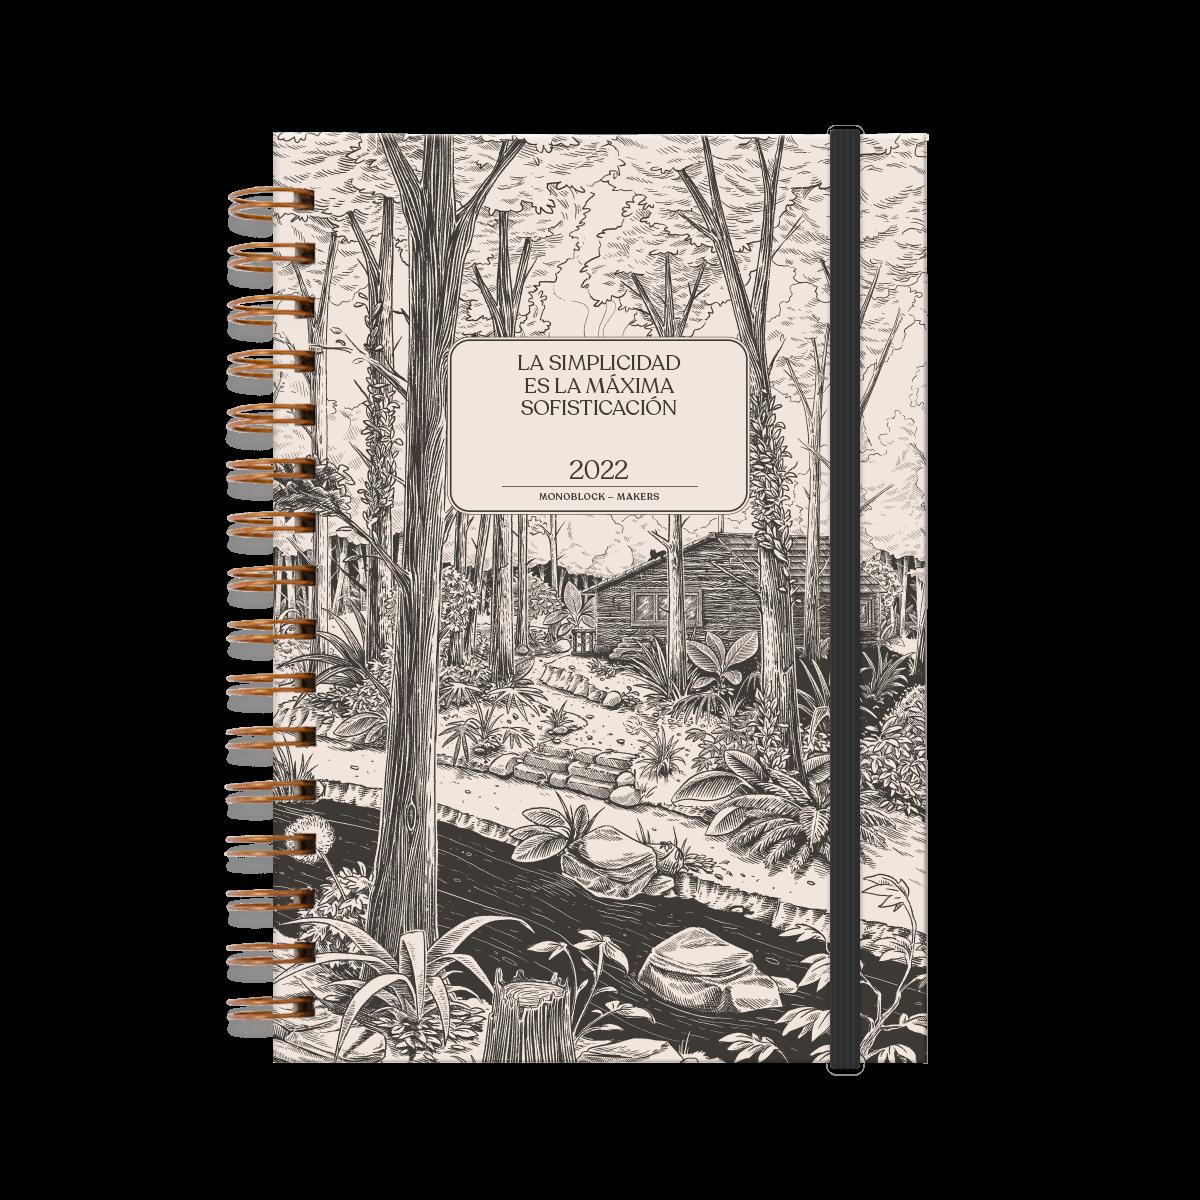 Agenda 2022 anillada modelo makers Simplicidad, de frente, cerrada con elástico, ilustración en blanco y negro de una cabaña, un bosque y un río.